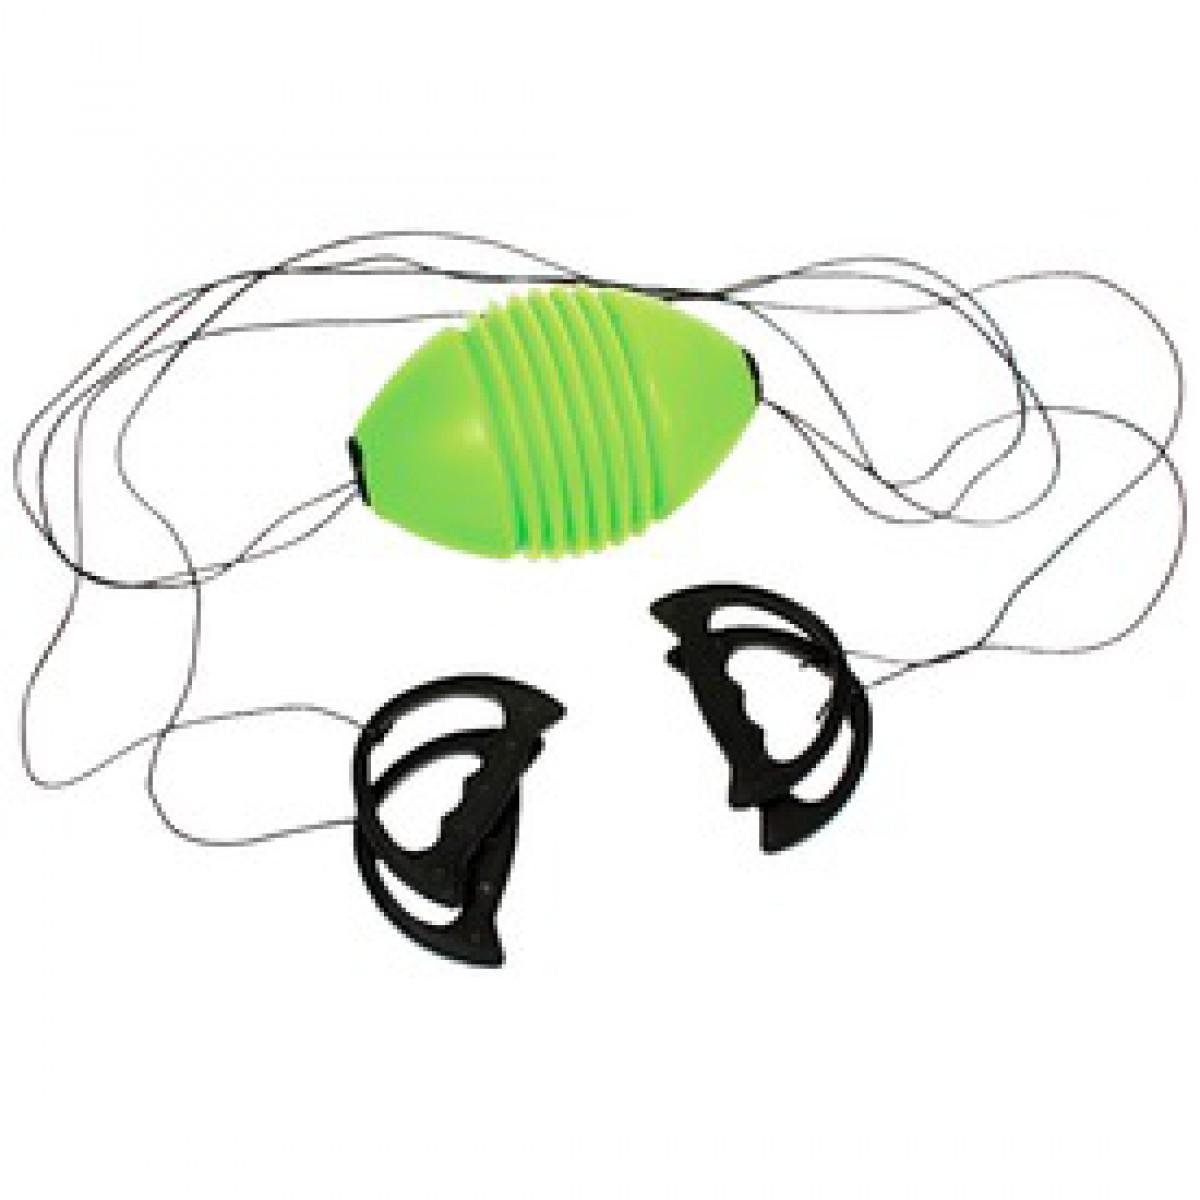 f07affb61d Speedball ügyességi játék - többféle színben